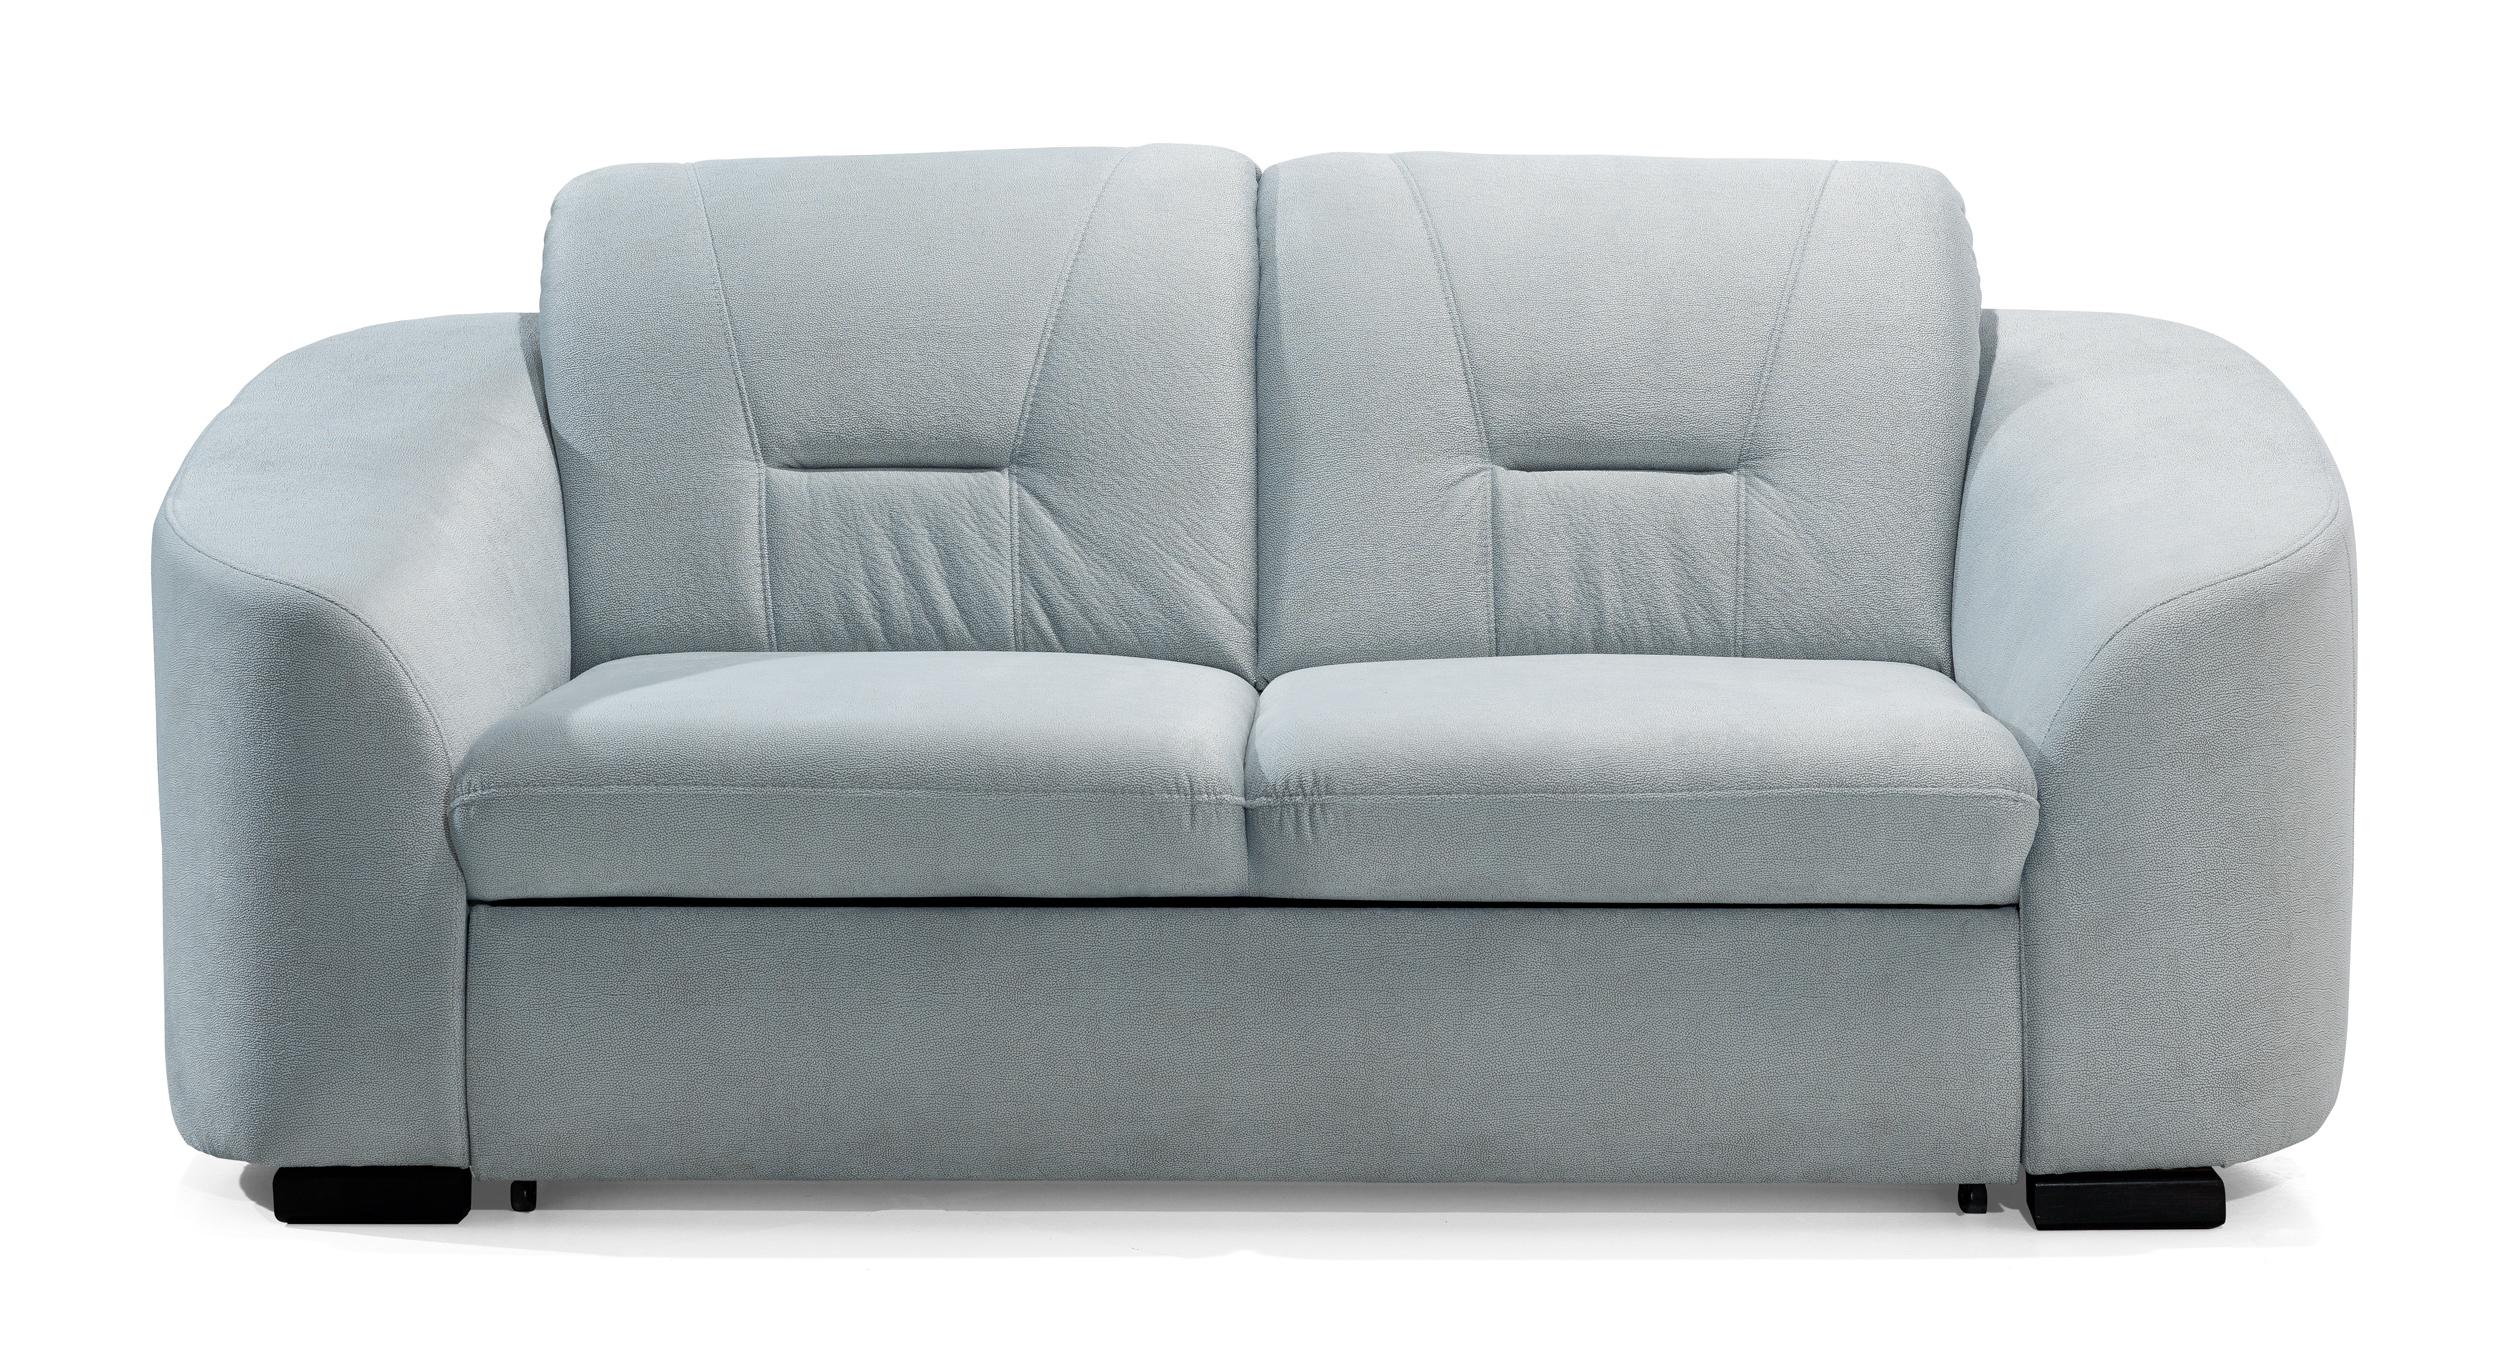 Canapea extensibila 3 locuri Vasto, l200xA110xH90 cm